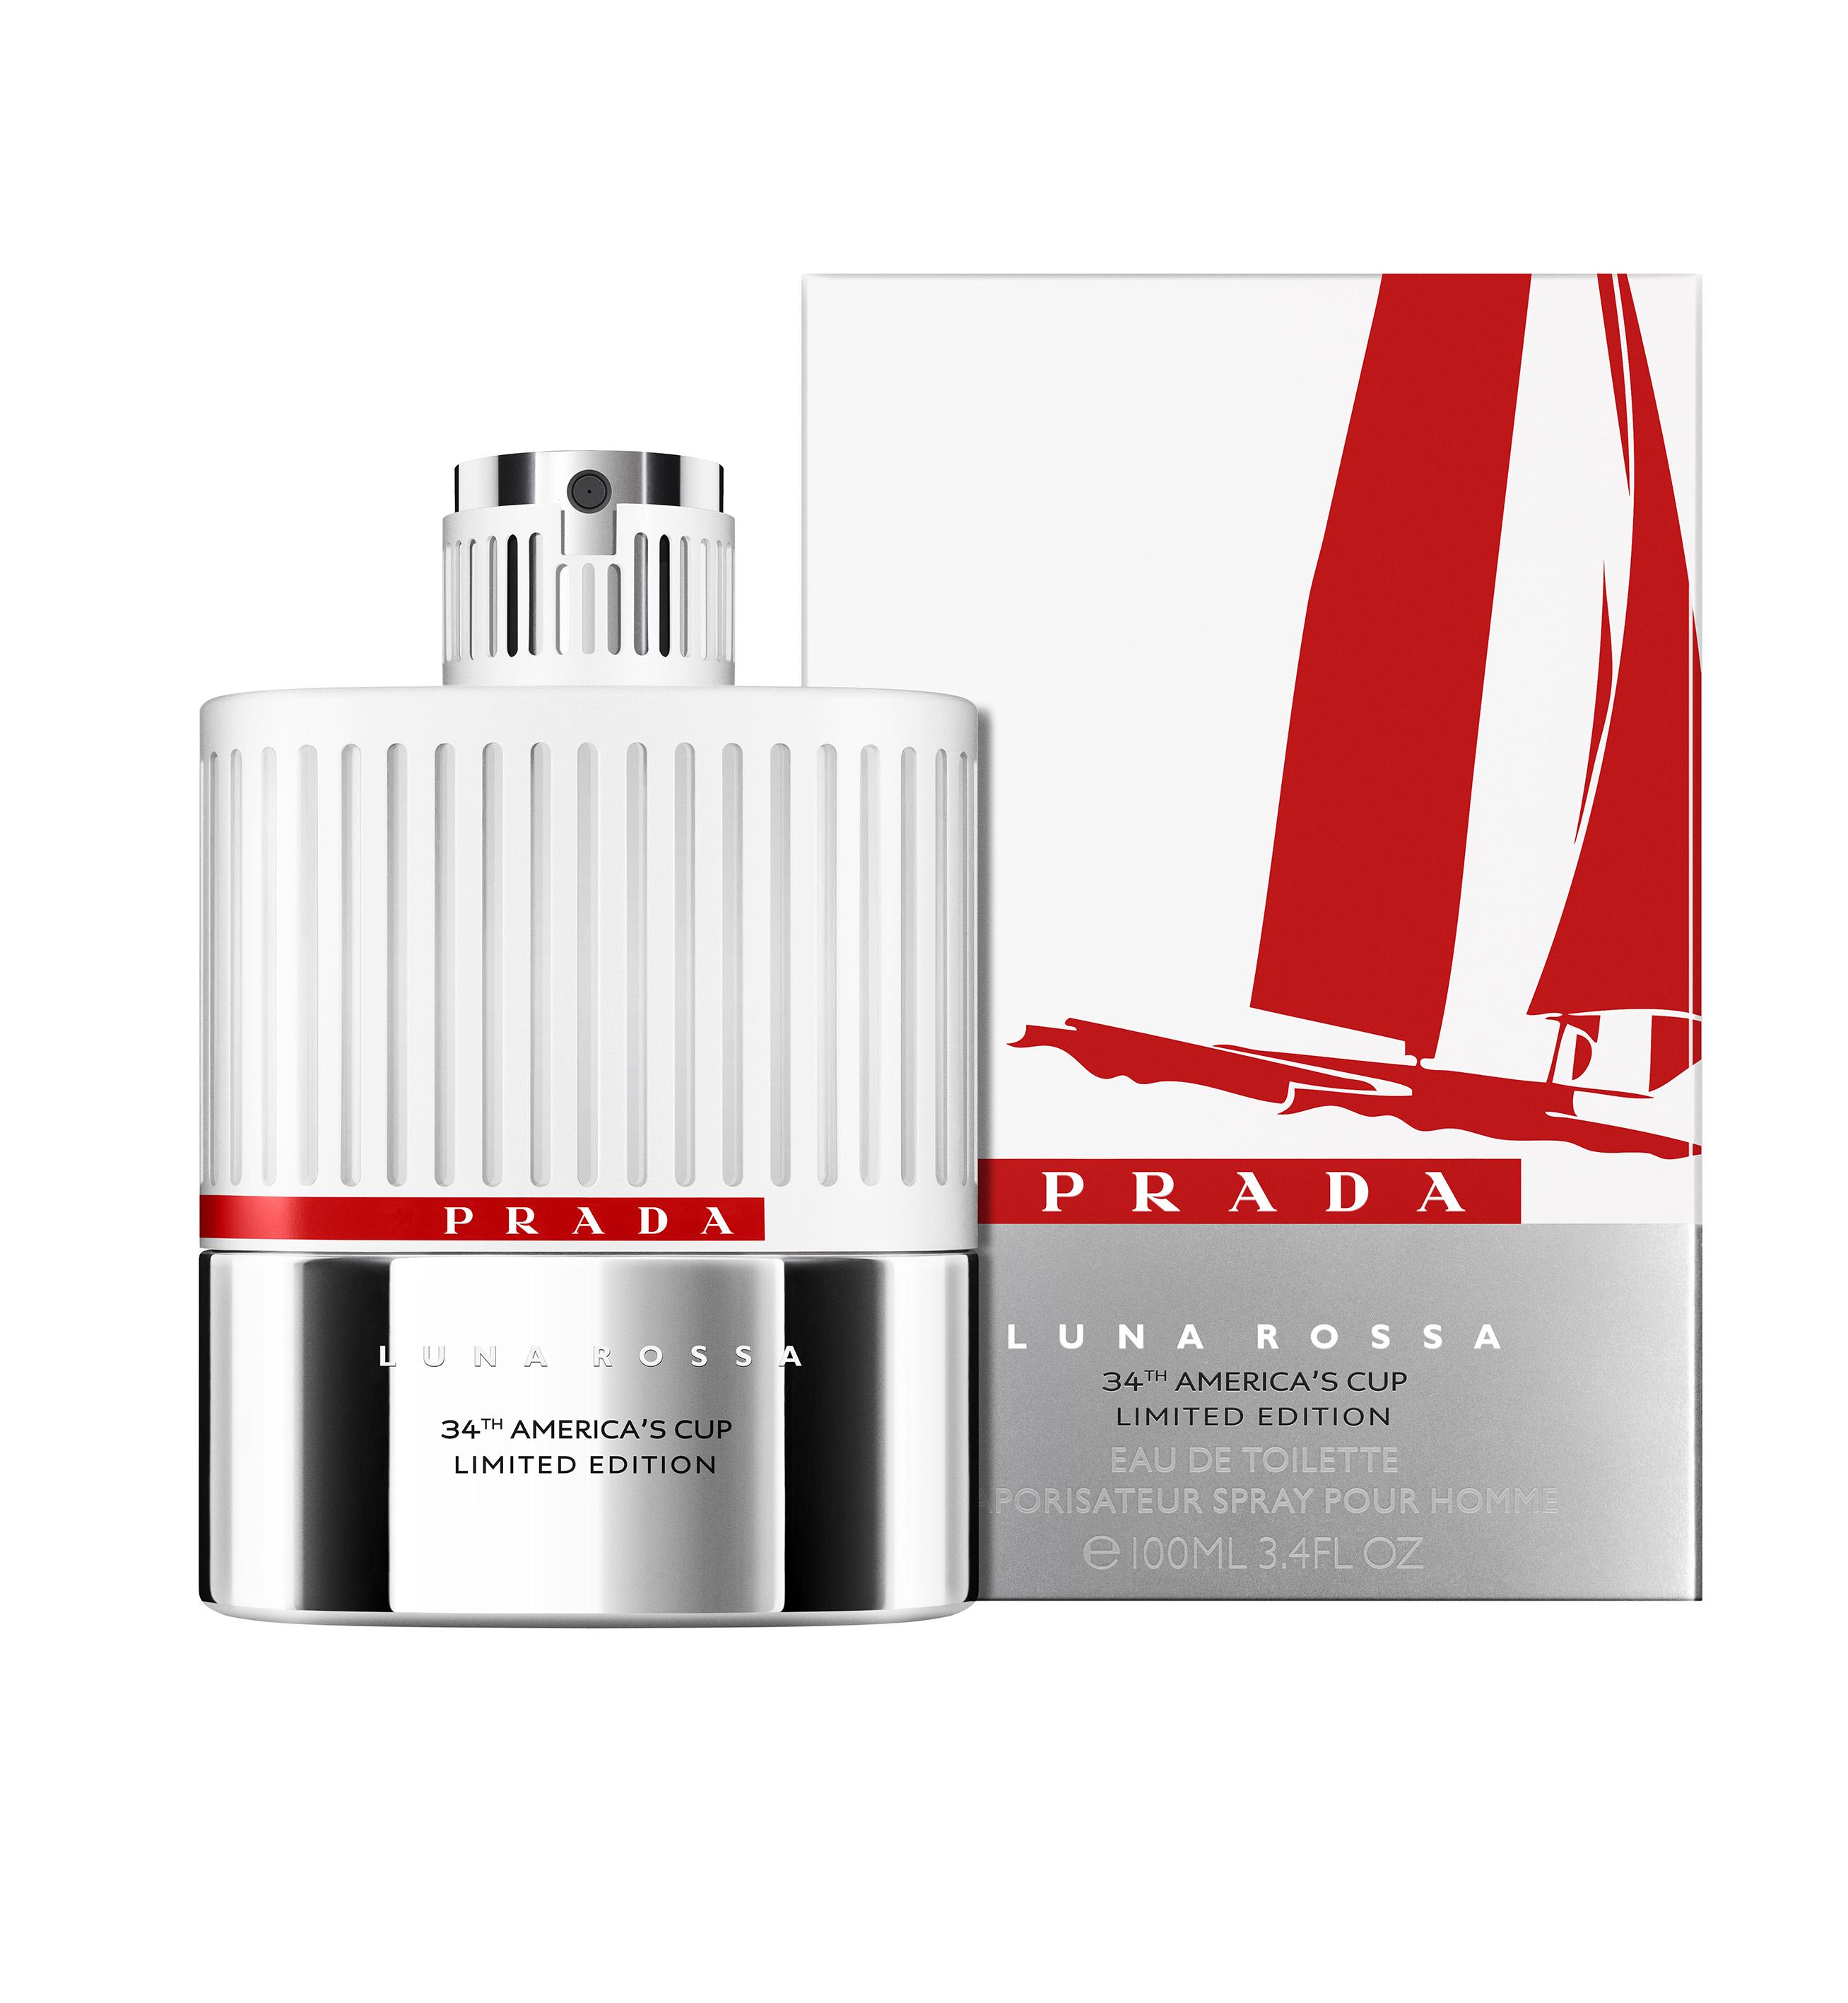 Luna Rossa Prada ماء كولونيا - a fragrance للرجال 2012 ee93a367ee